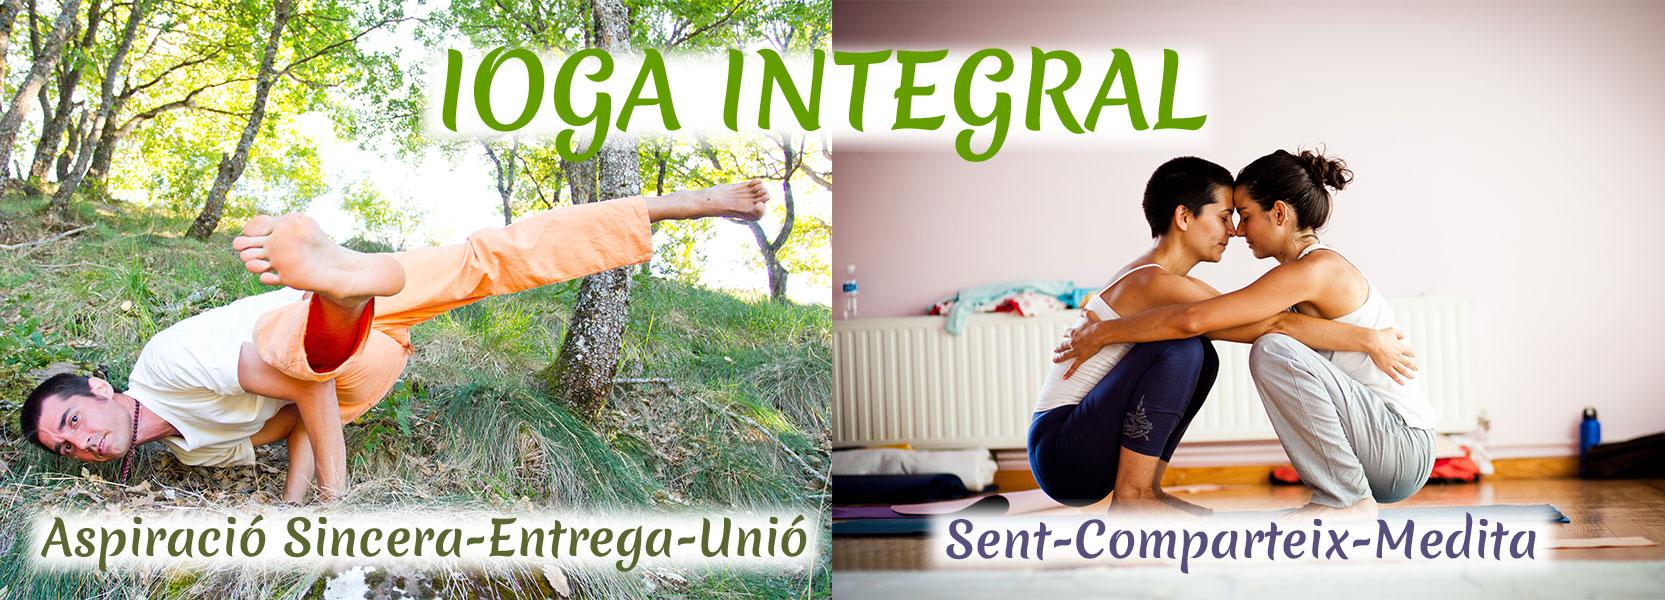 slider-ioga_per-web